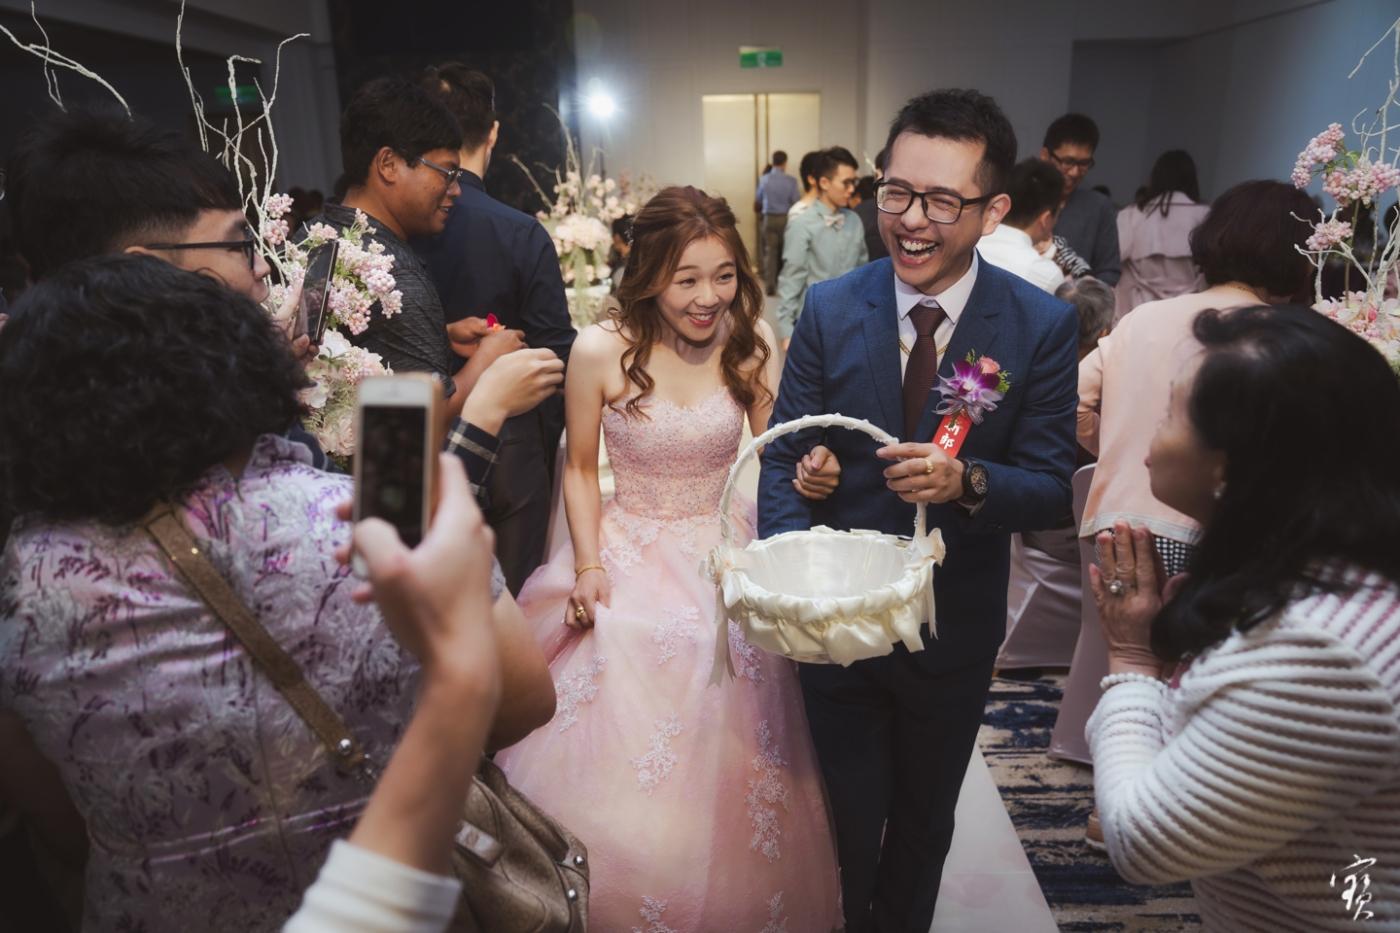 桃園婚禮 晶麒莊園 婚禮攝影 攝影師大寶 北部攝影 桃園攝影 新竹攝影 台北攝影 婚攝 早儀晚宴 1071014-86